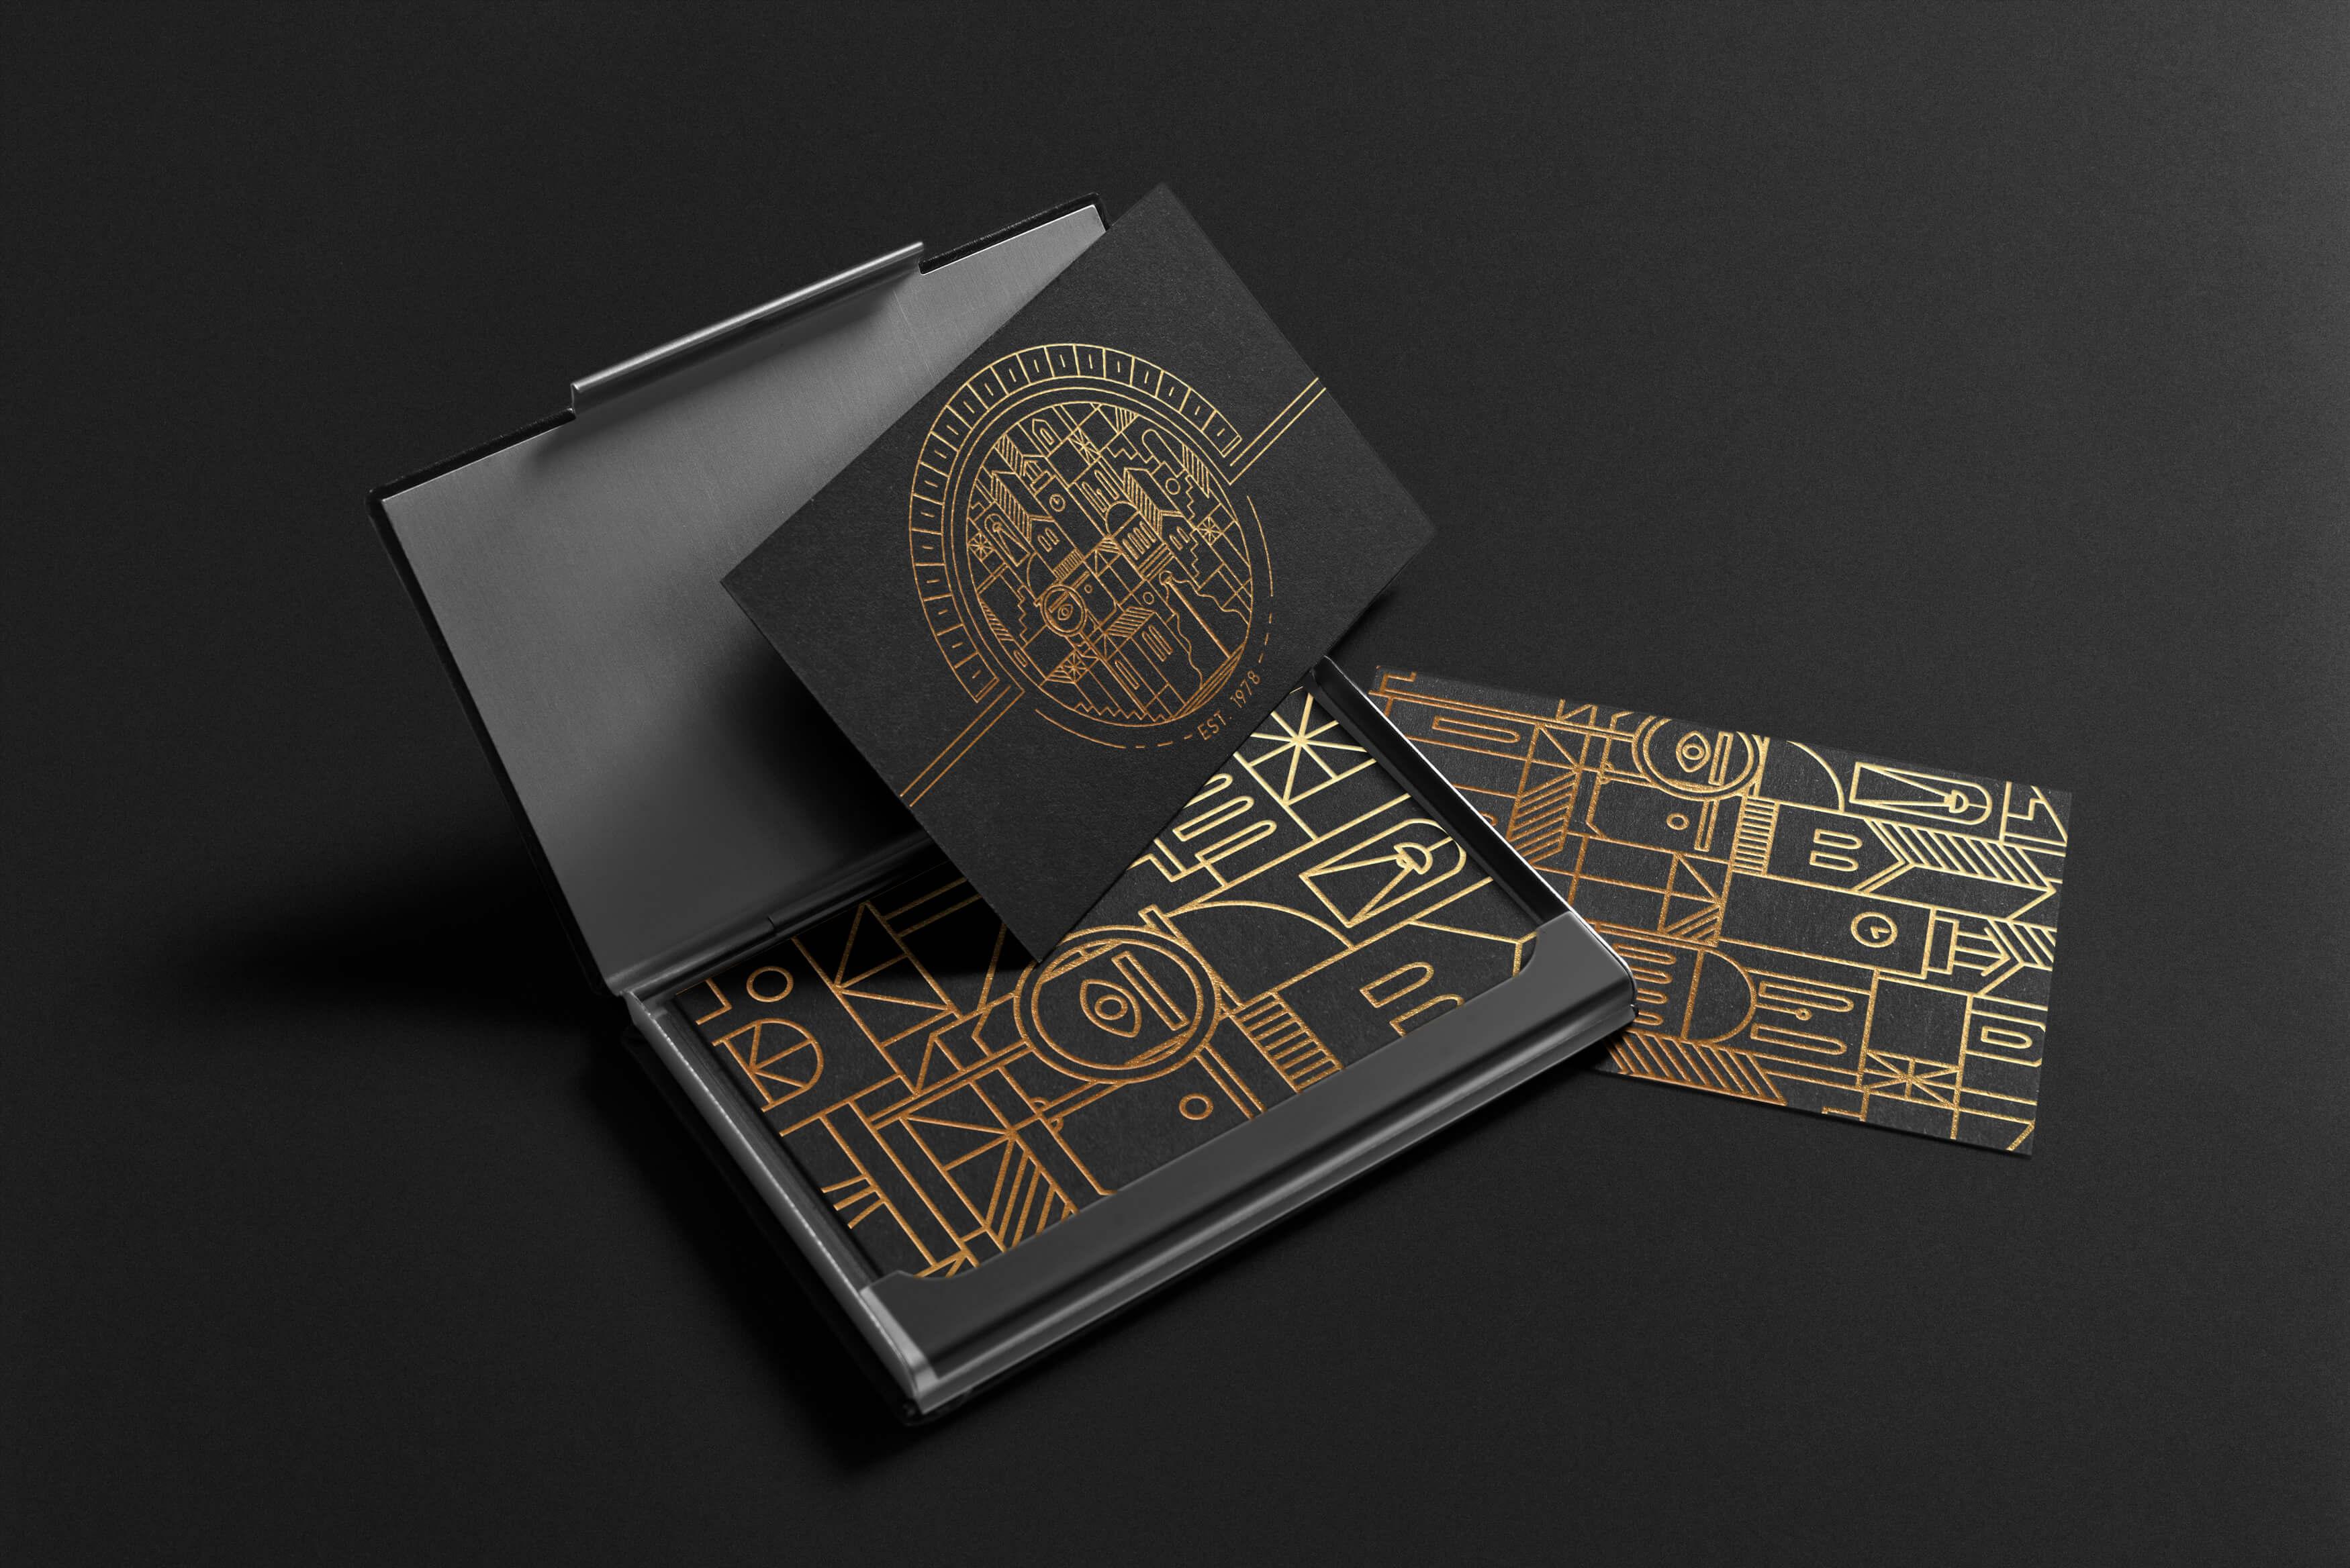 aurora creative studio graphic design illustration cape town portfolio branding